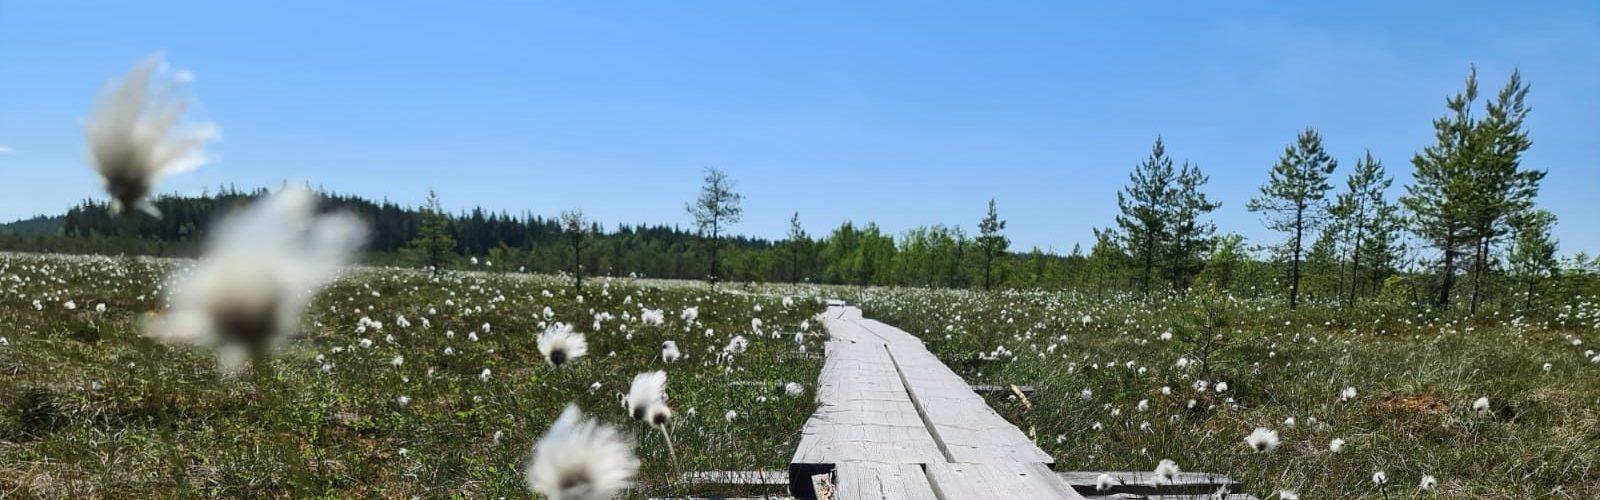 Päiväretki kahden kansallispuiston maisemiiin